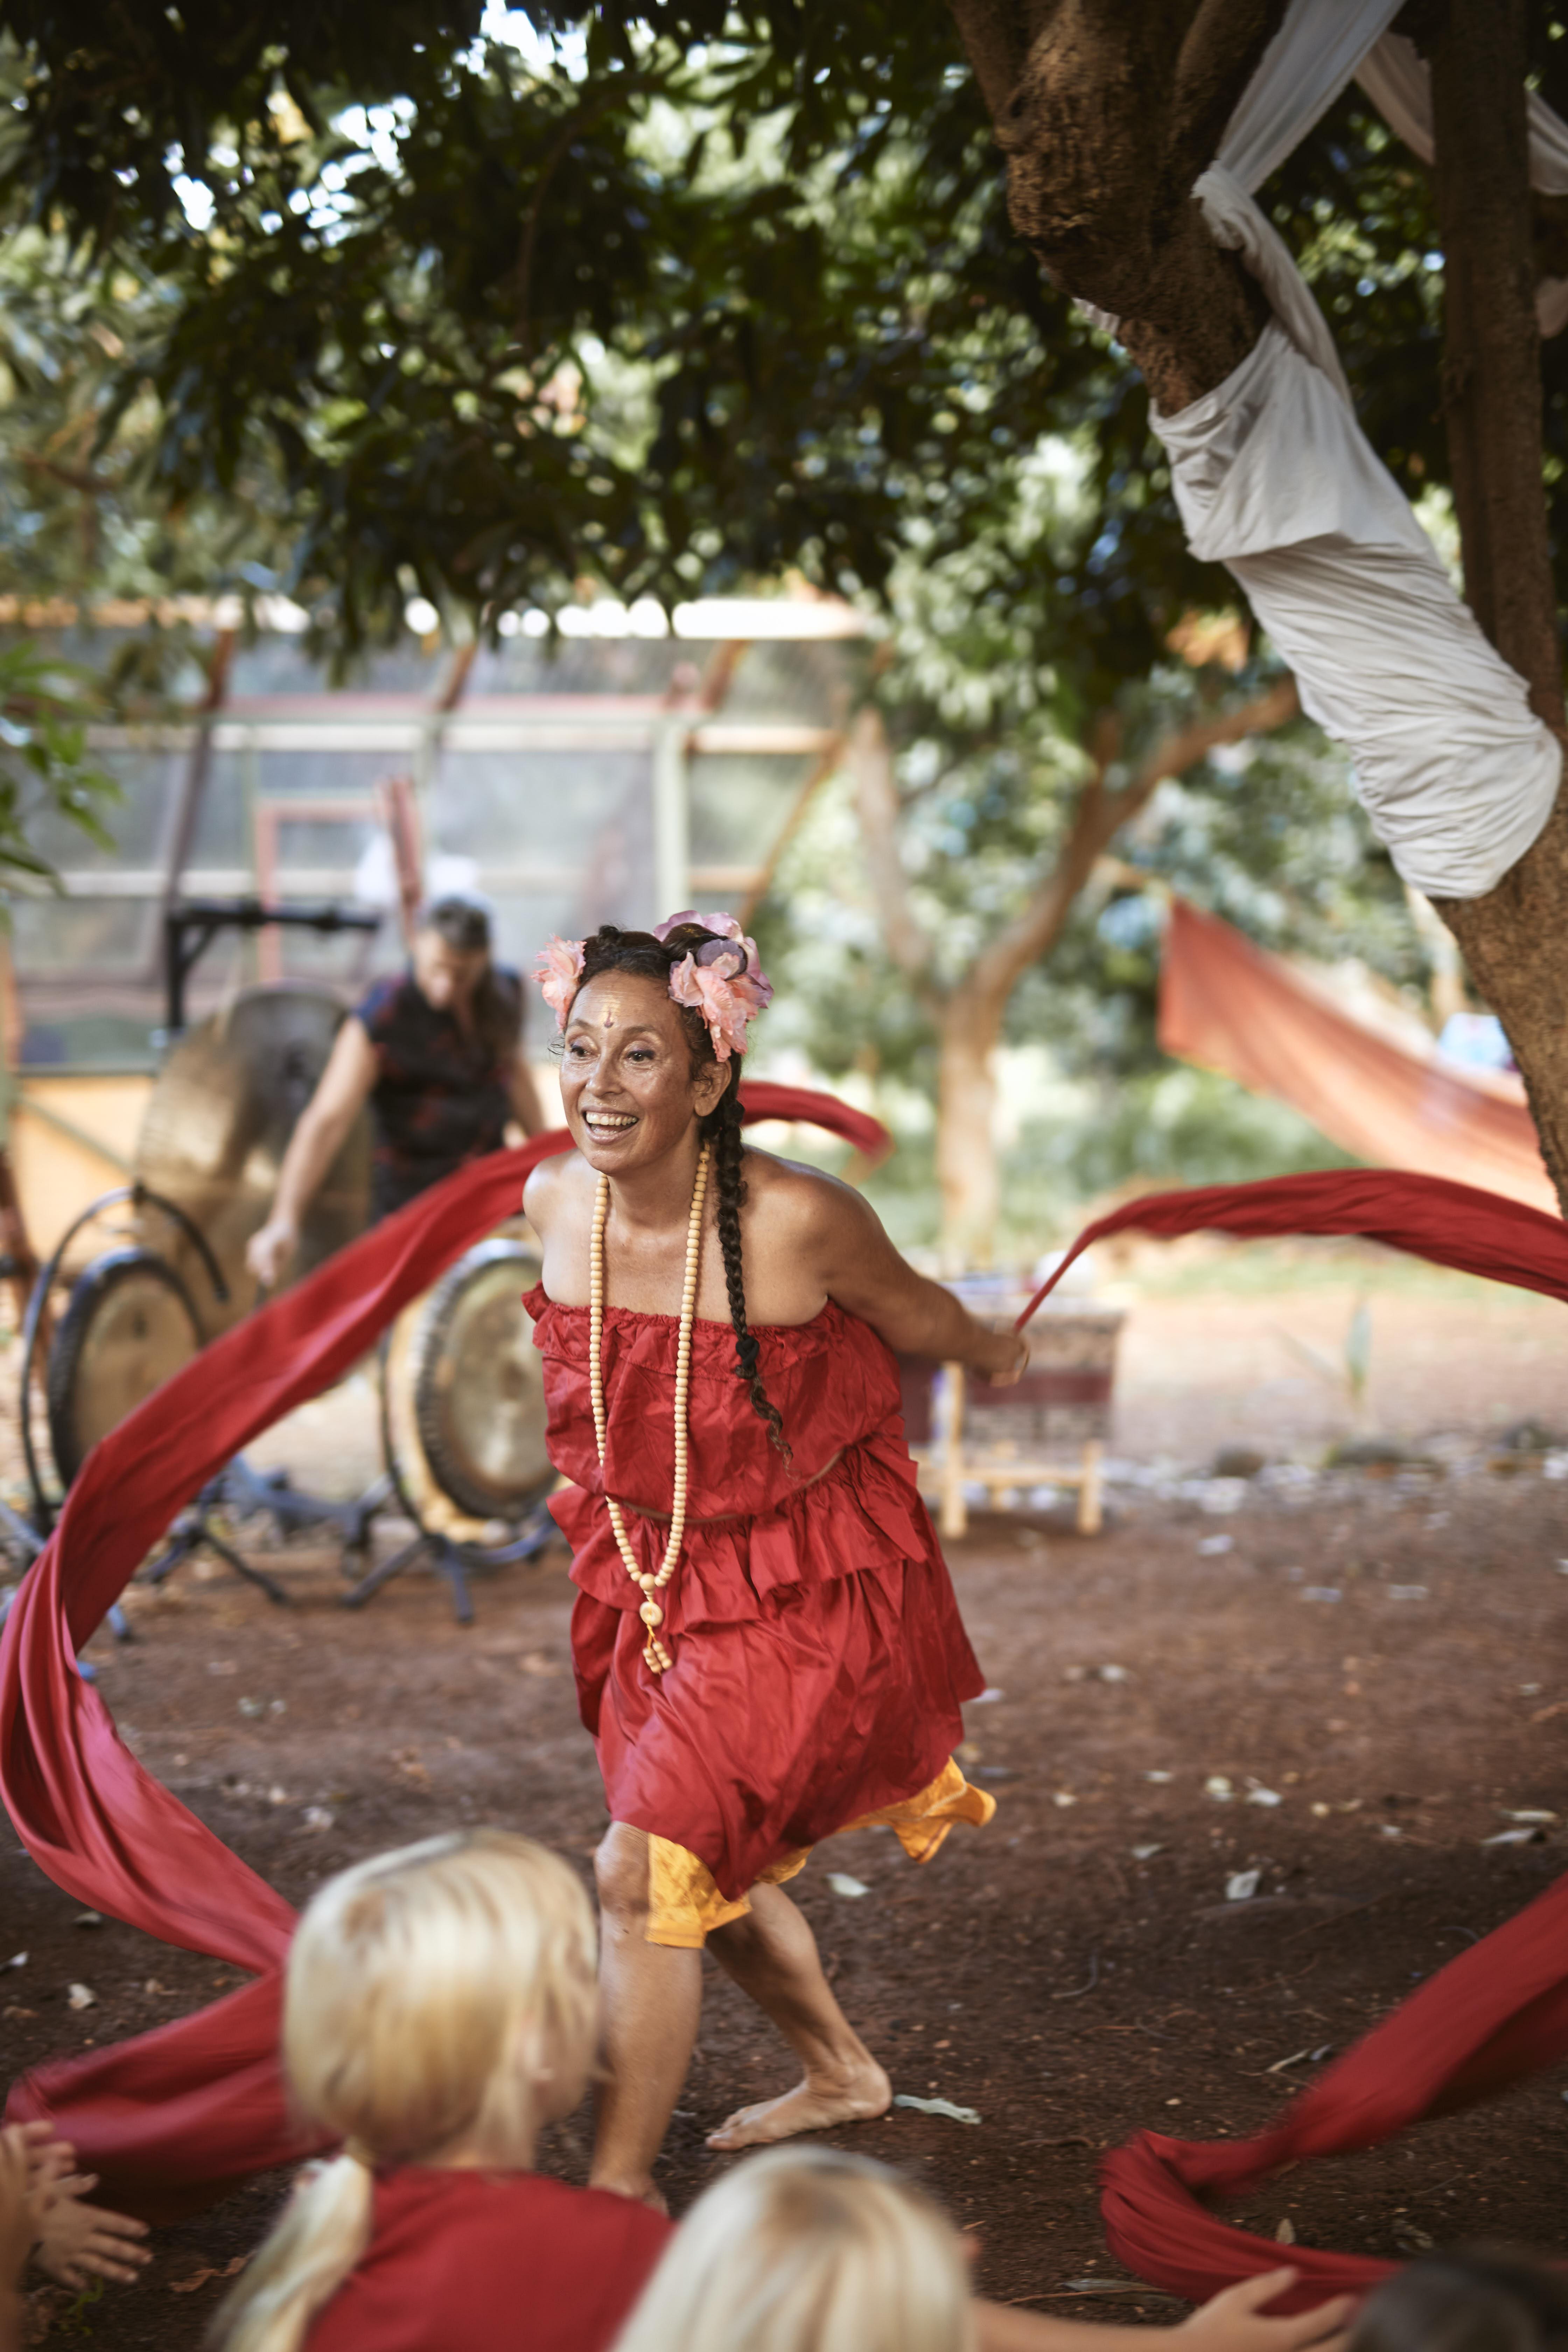 Fernweh_Lunar-Celebration-Nui-Nui-Tree_4794-1